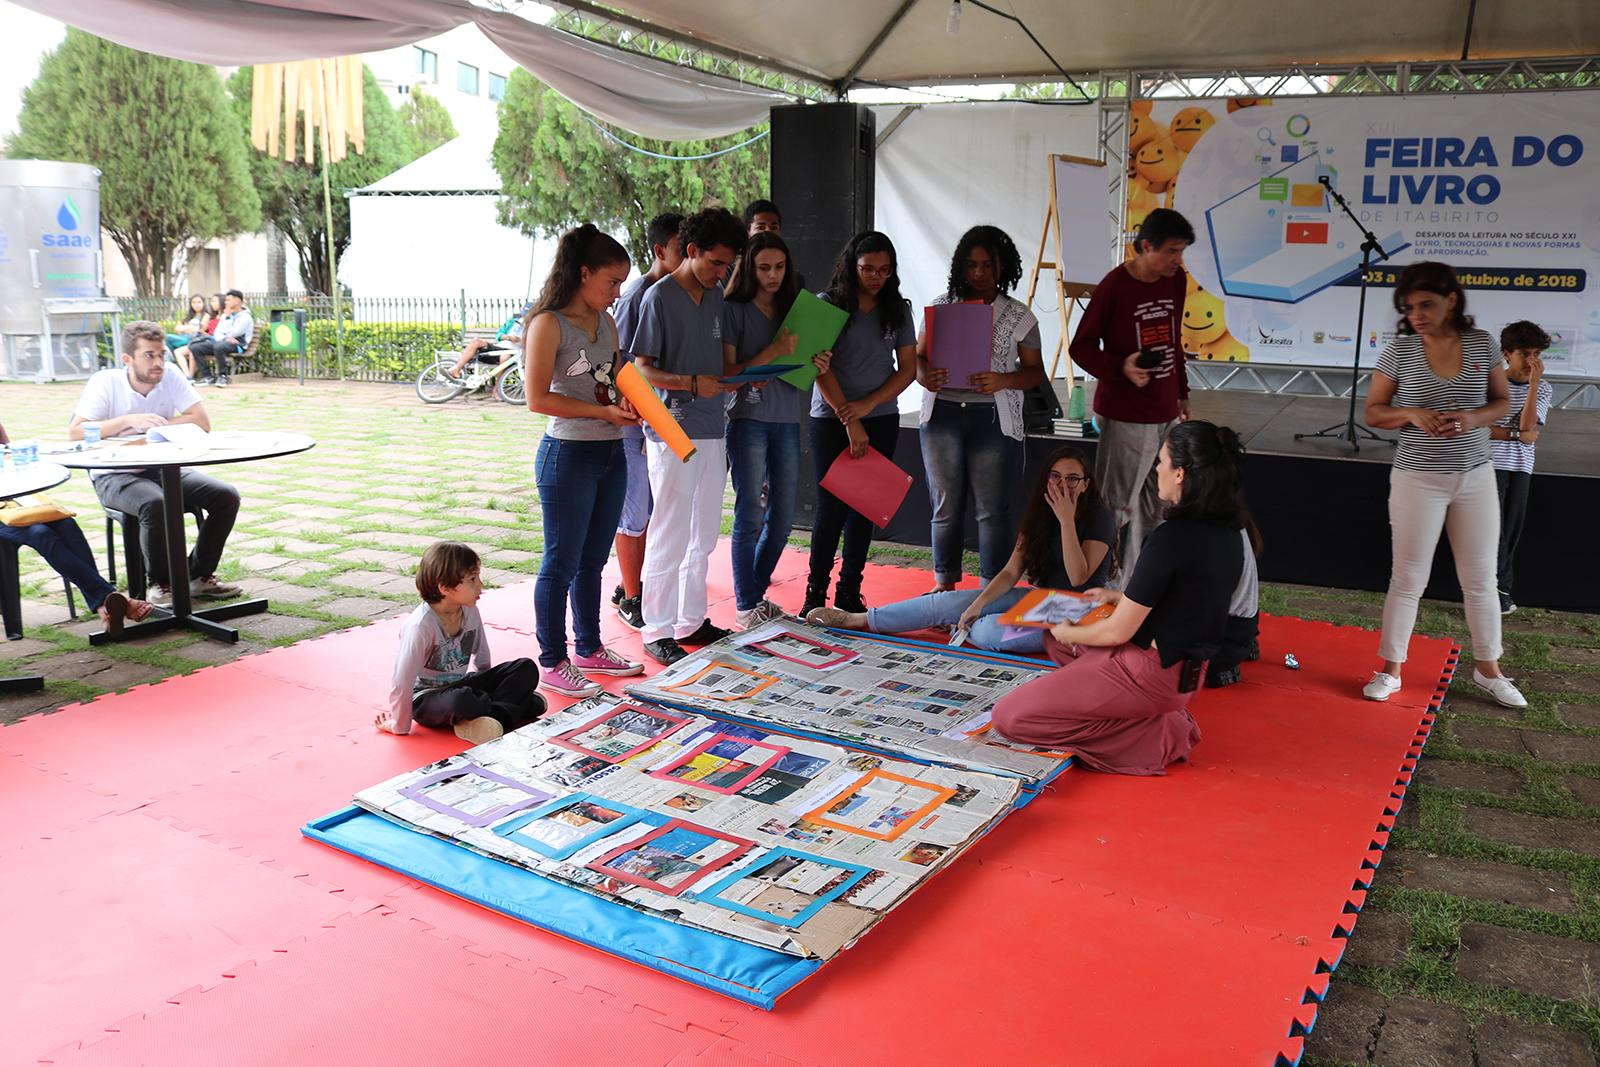 Jogos Literários foram destinados para jovens (Créditos: SECOM/PMI)